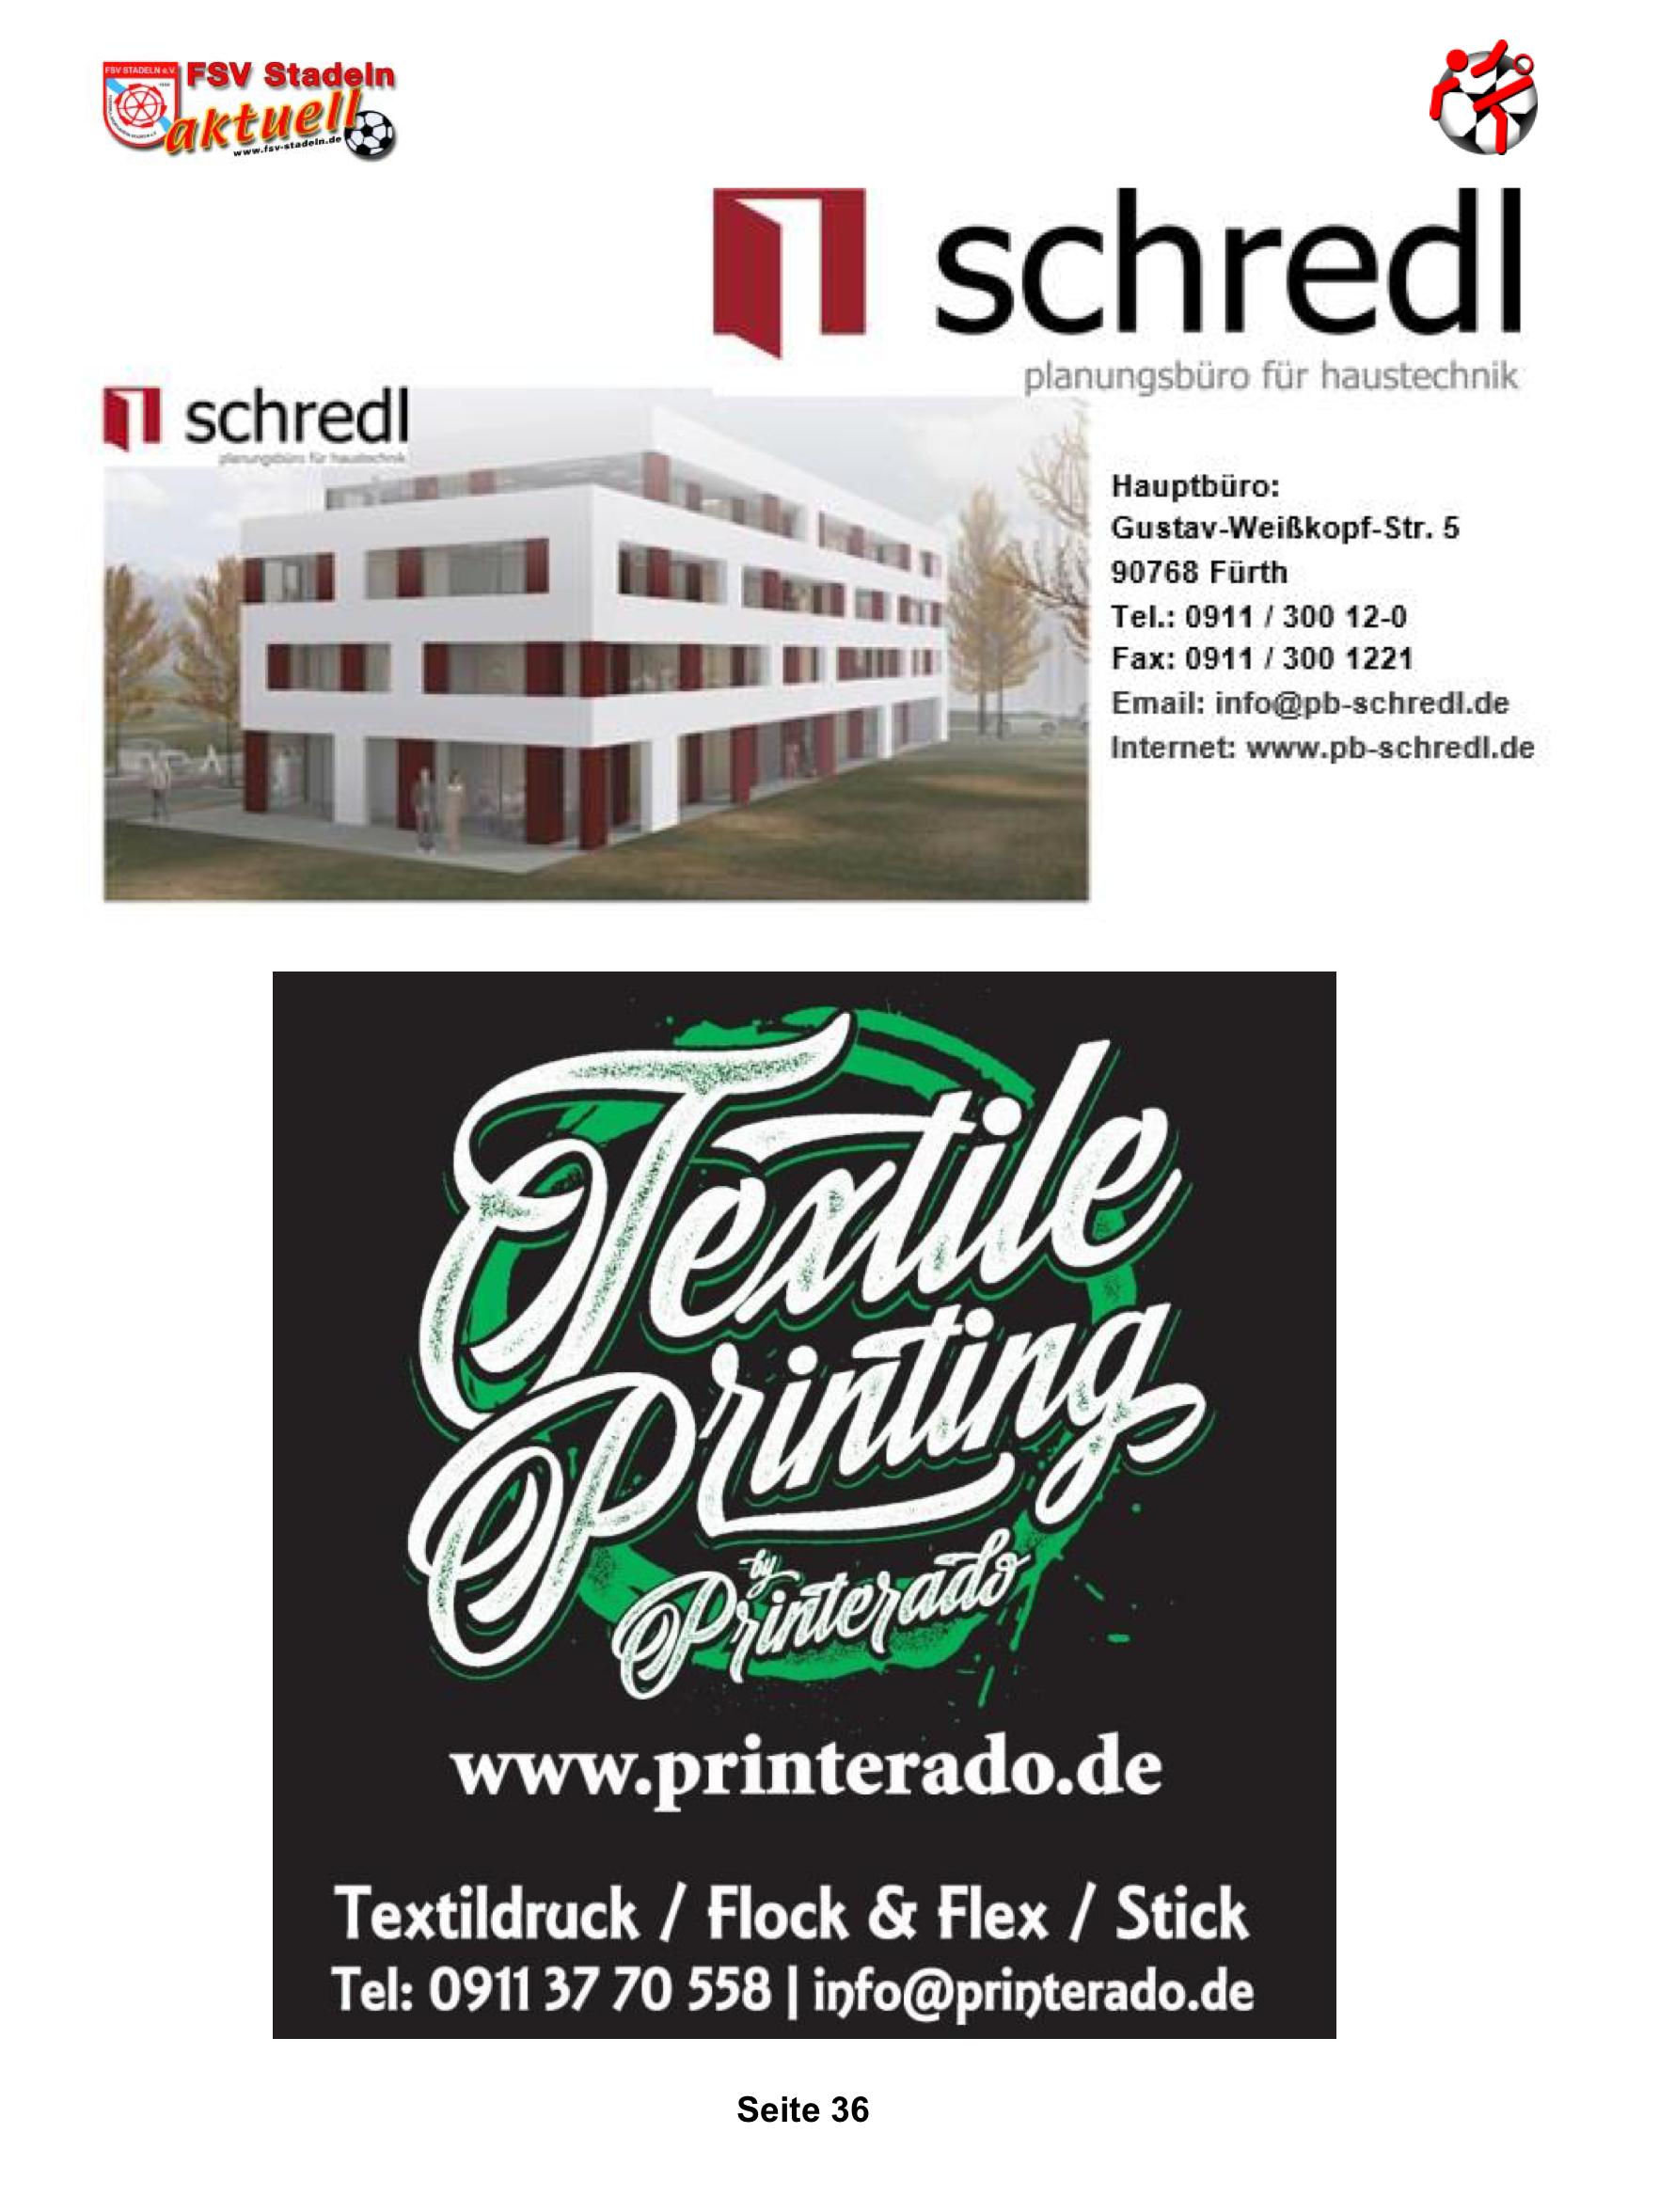 Schwaig-36.png